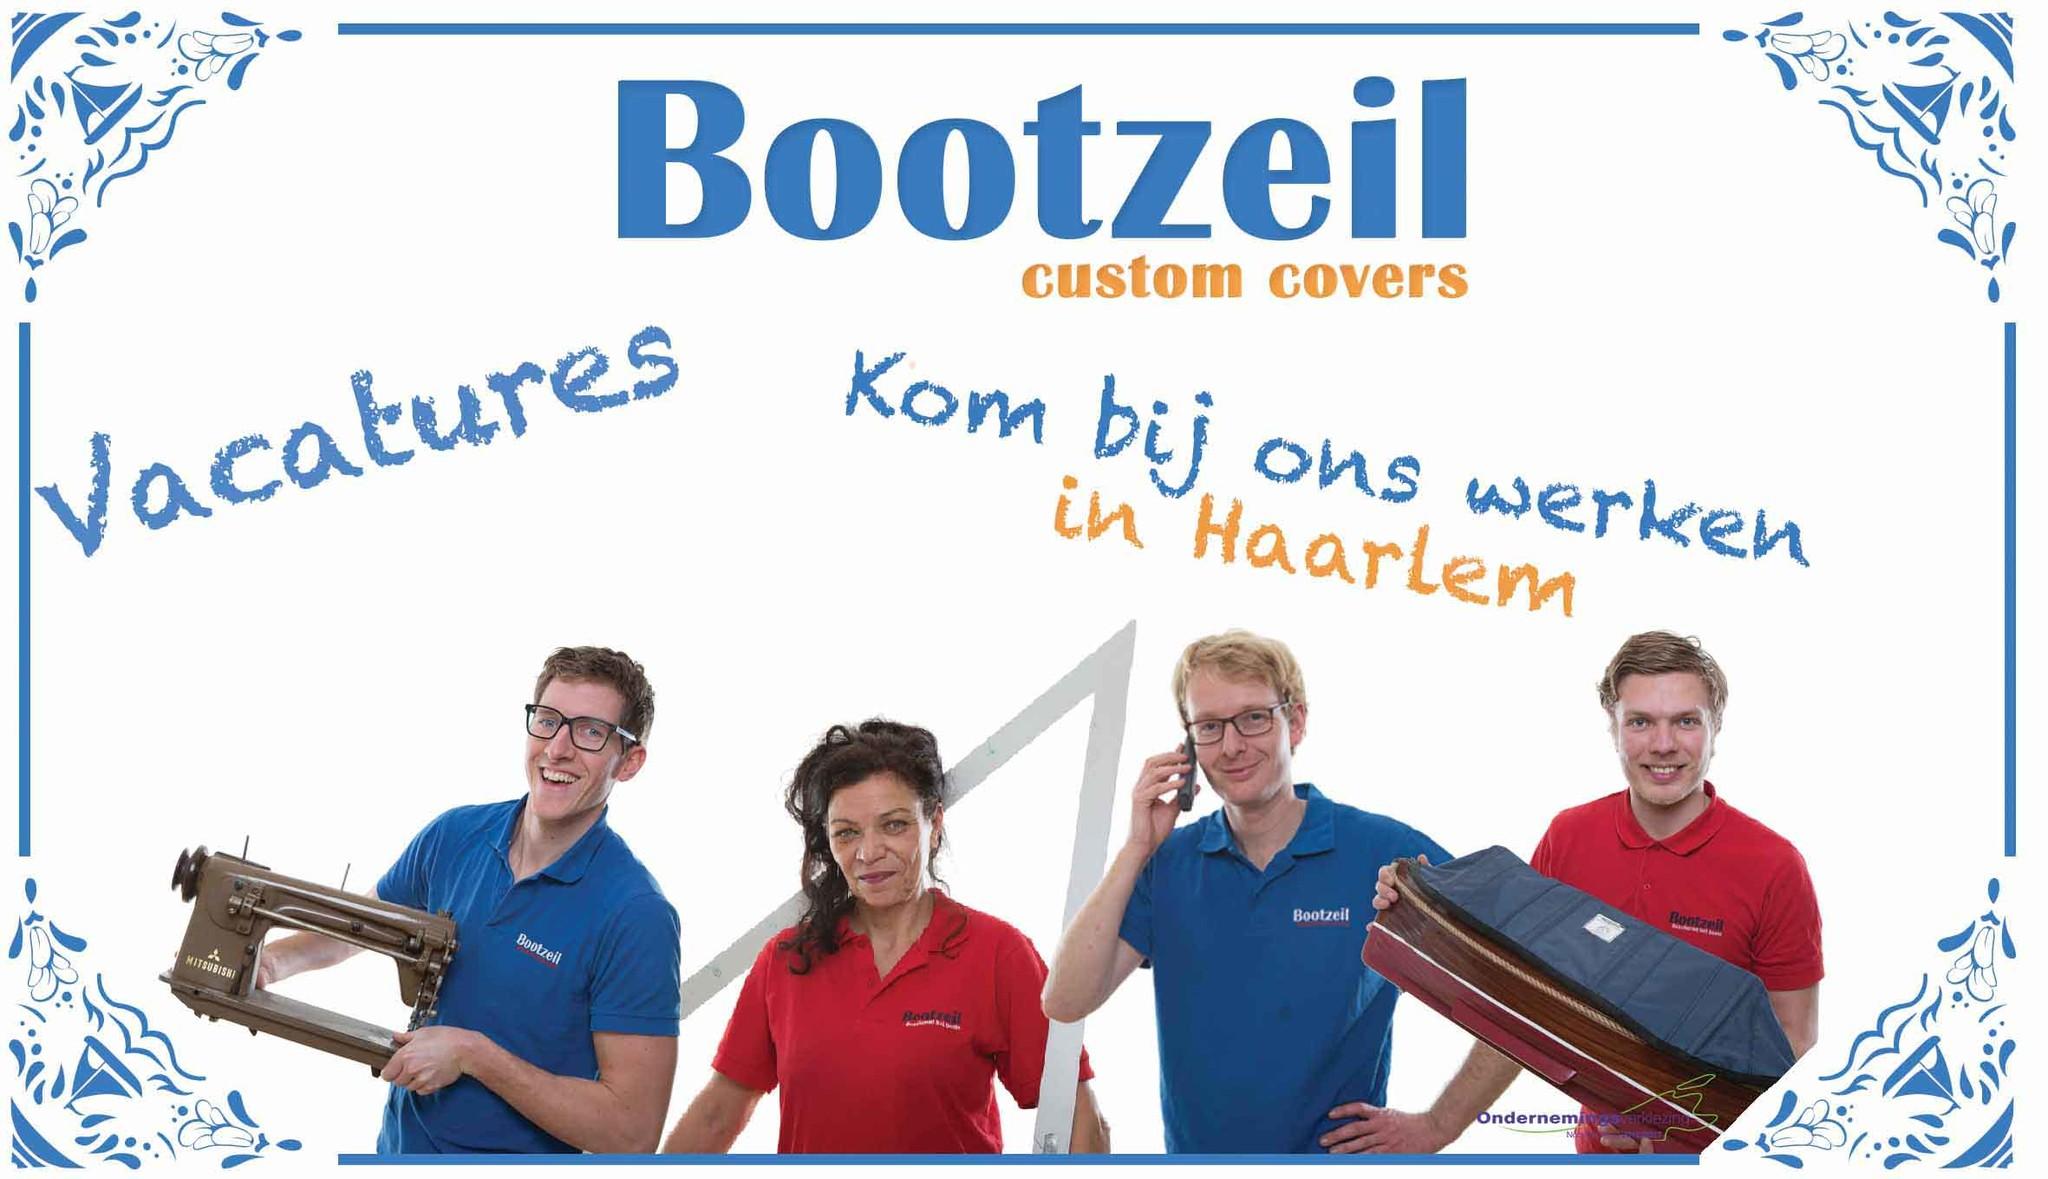 vacatures bootzeil